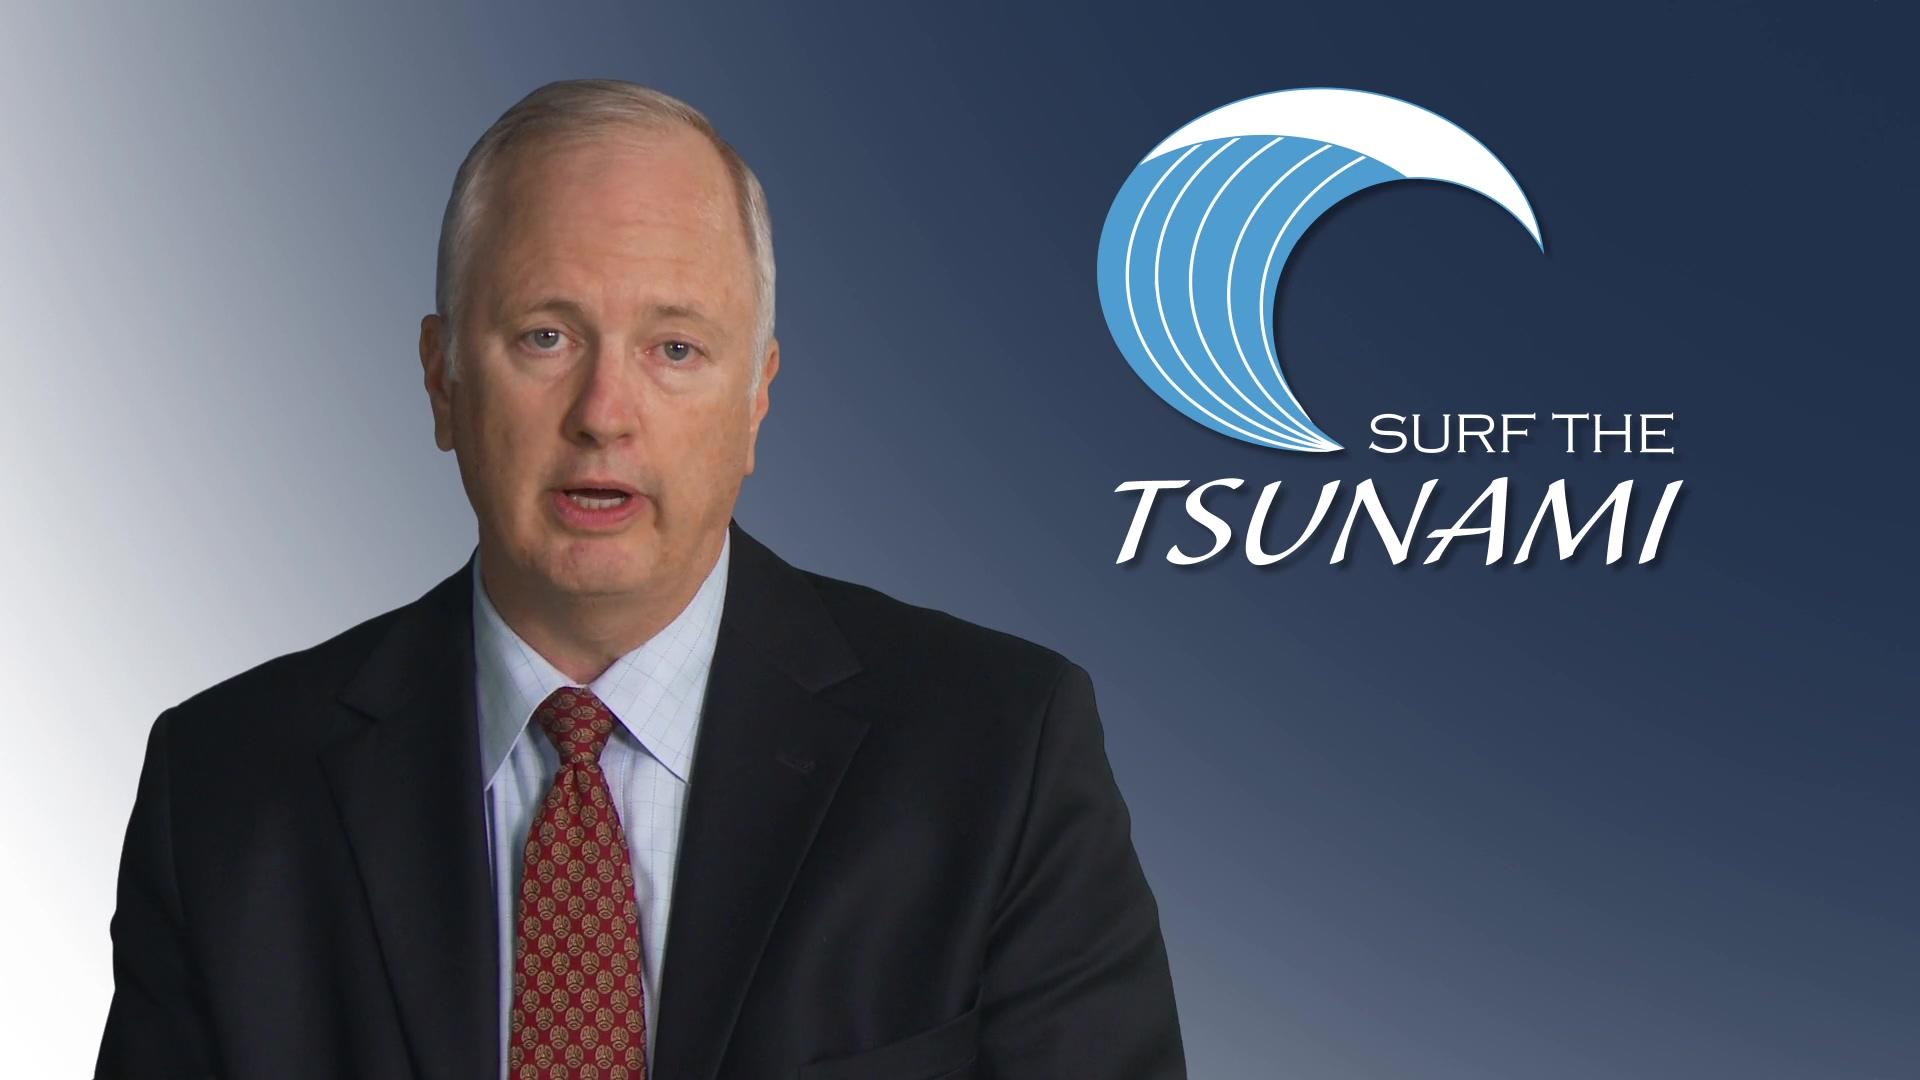 Tony Tsunami_1